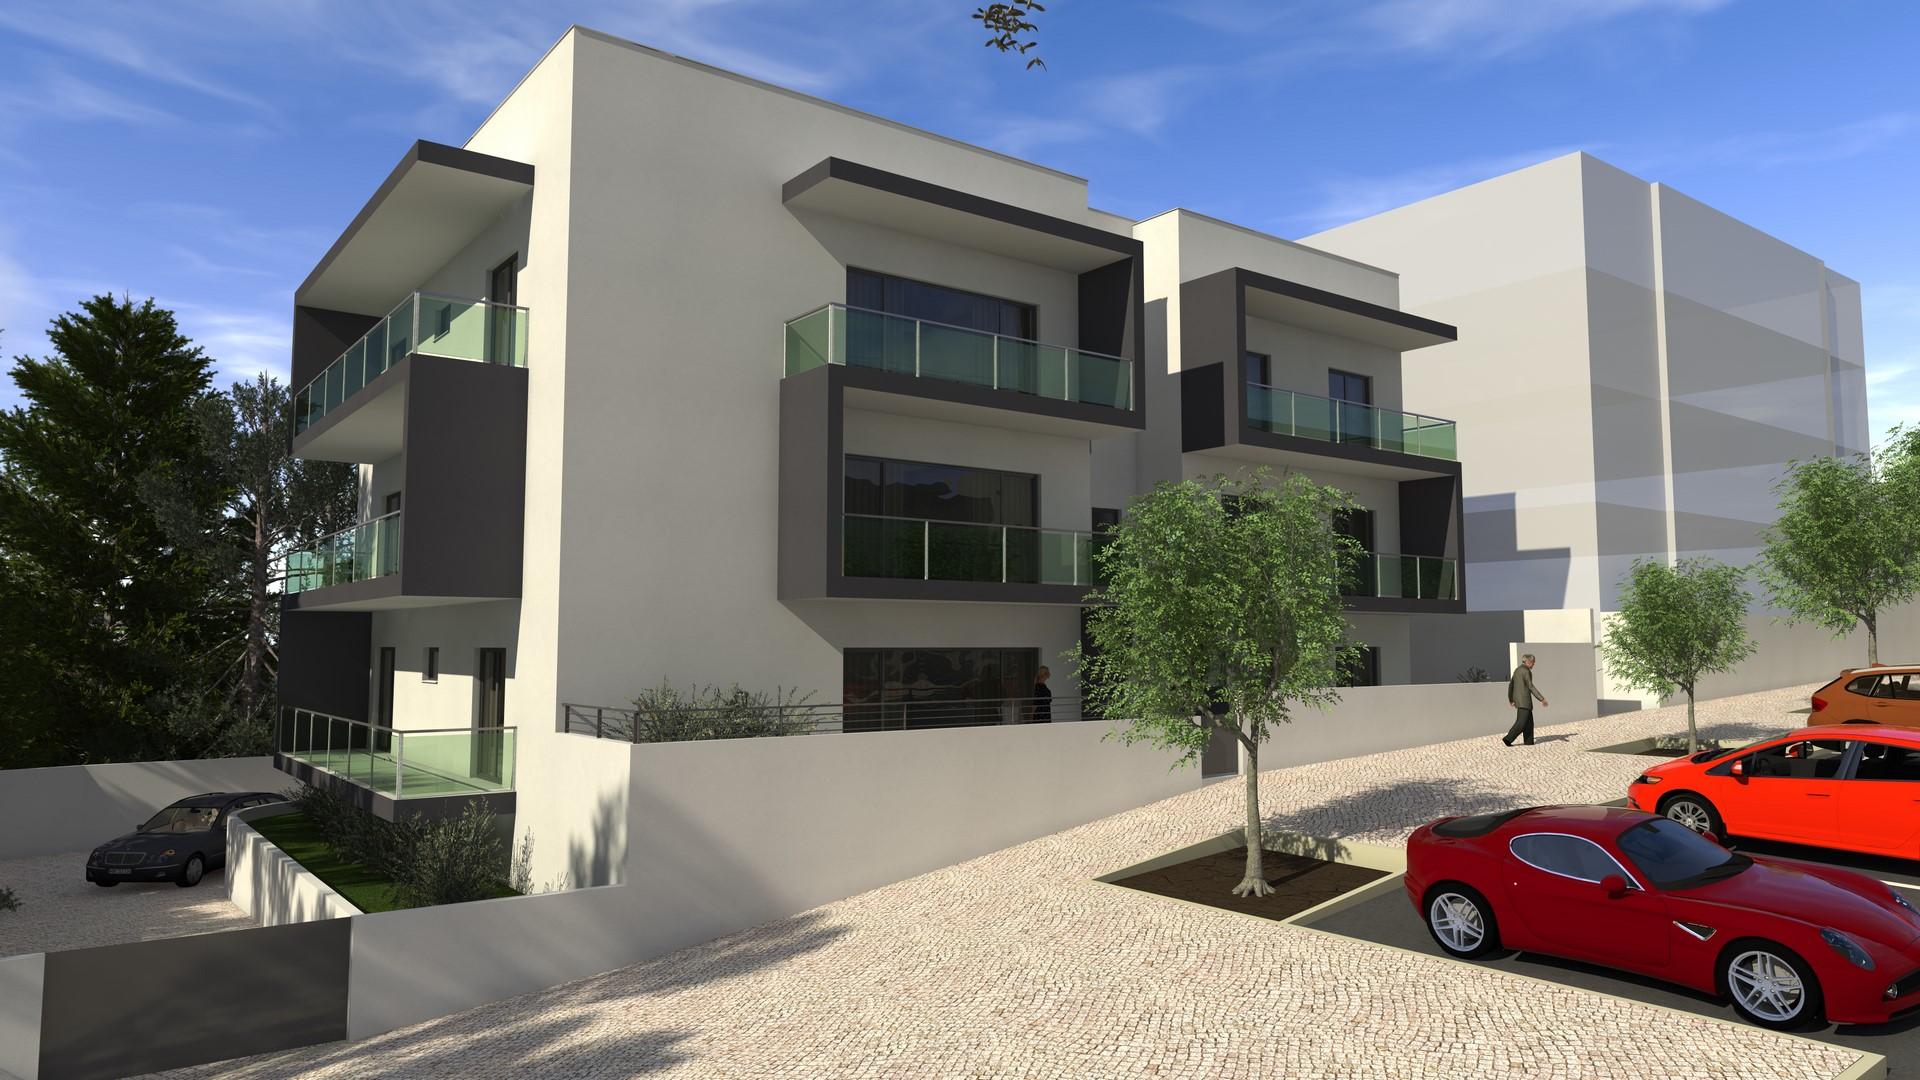 Habitação Multifamiliar, S. Martinho do Bispo - Coimbra 0